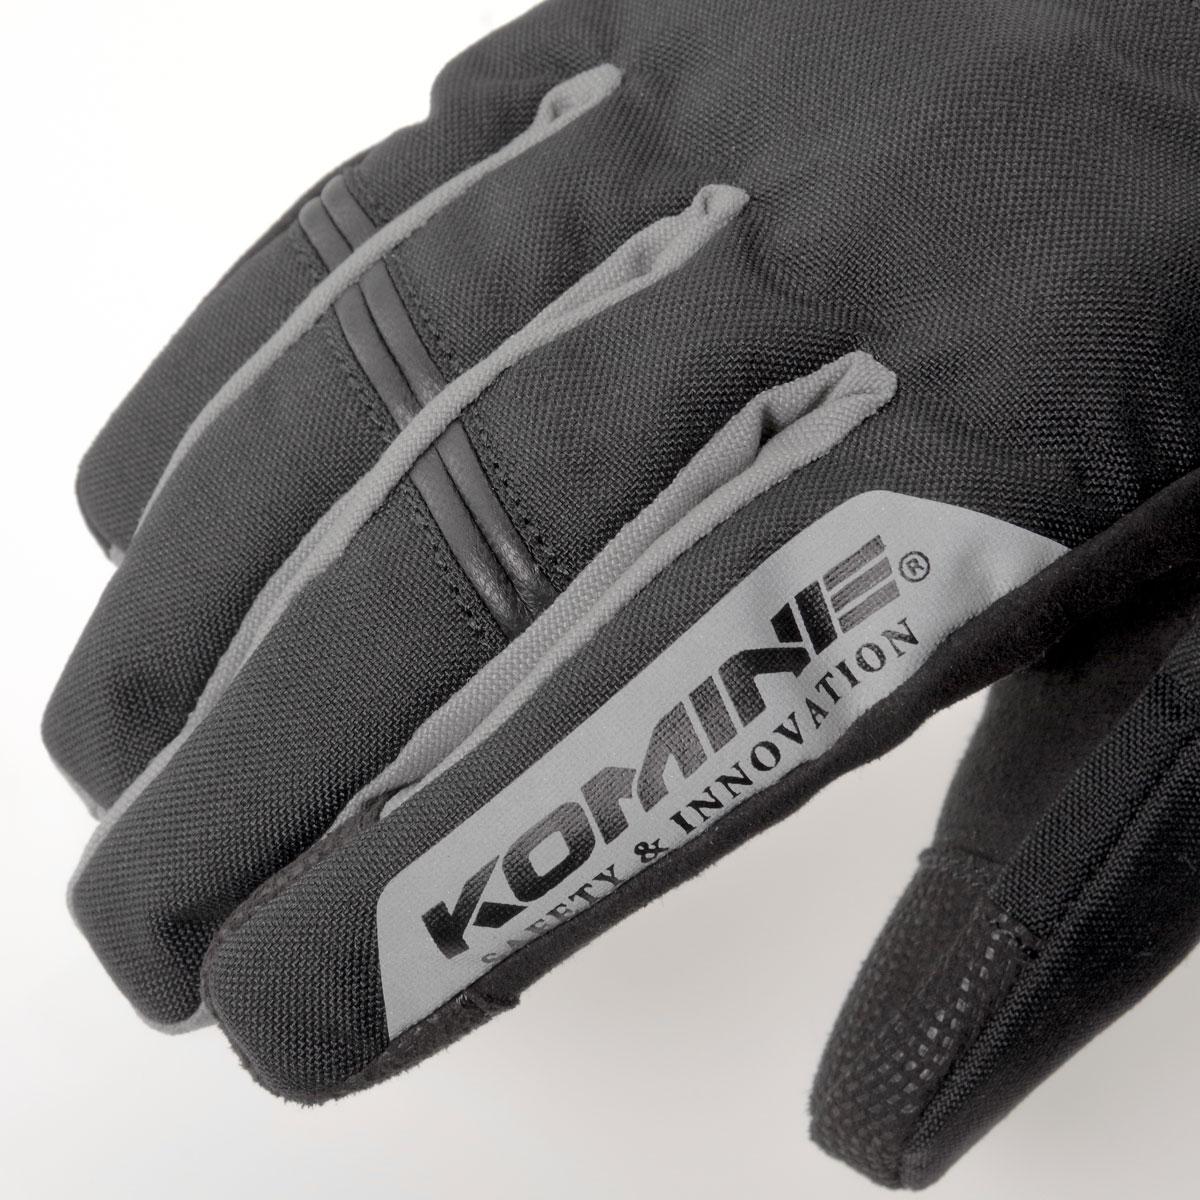 GK-838 プロテクトショートウインターグローブ